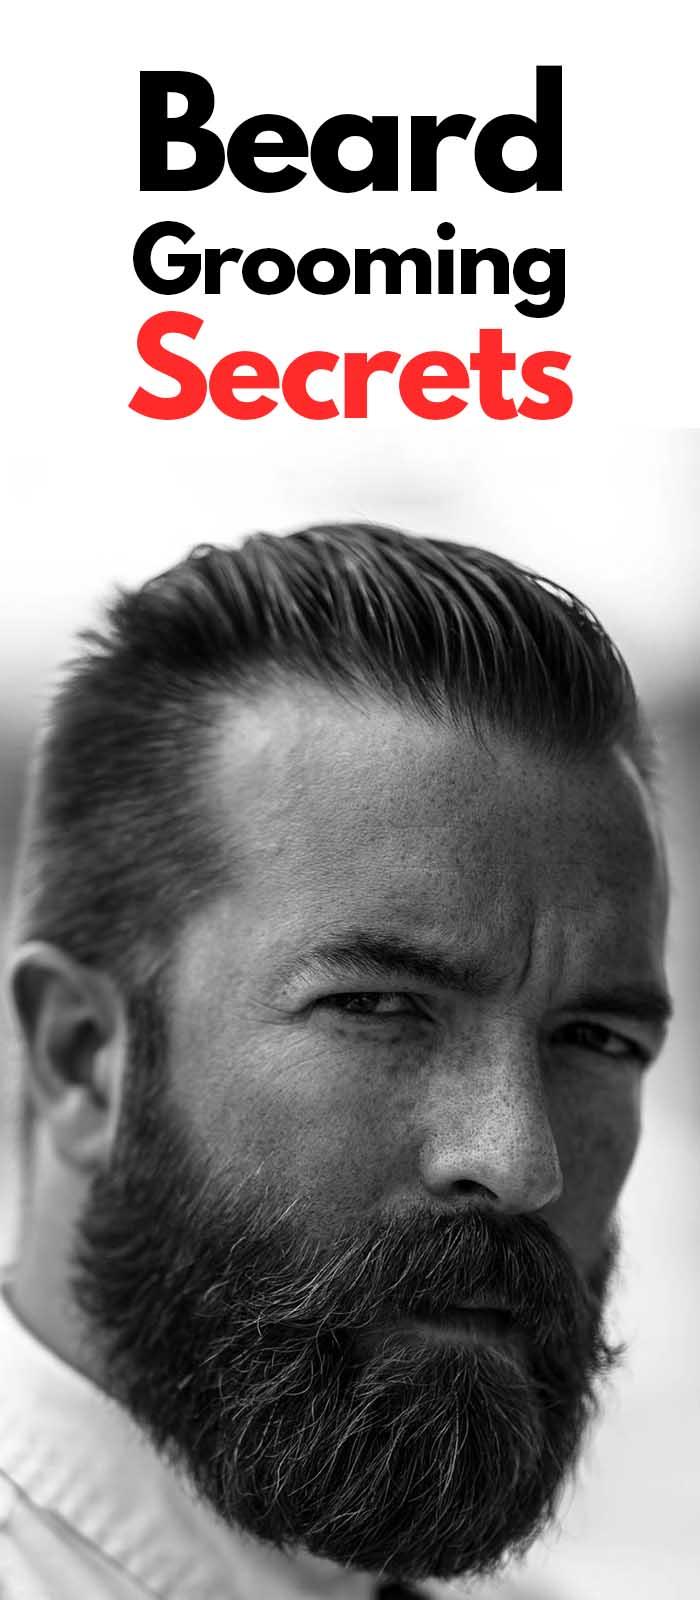 Beard Grooming Secrets For Bearded Men!